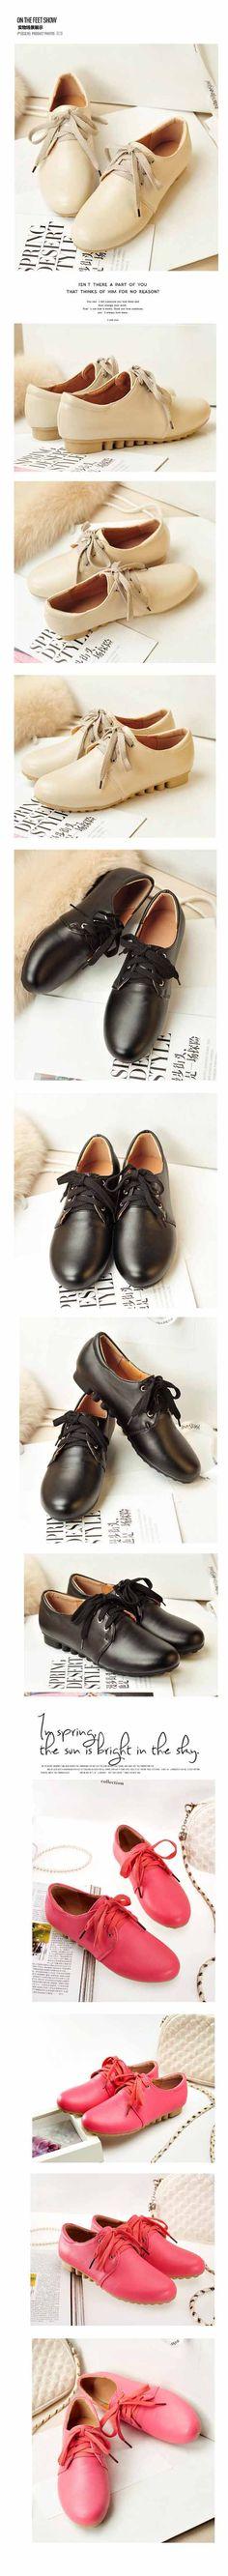 รองเท้าส้นเตี้ย แฟชั่นเกาหลีสไตล์ผ้าใบหนัง นำเข้า ไซส์34ถึง39